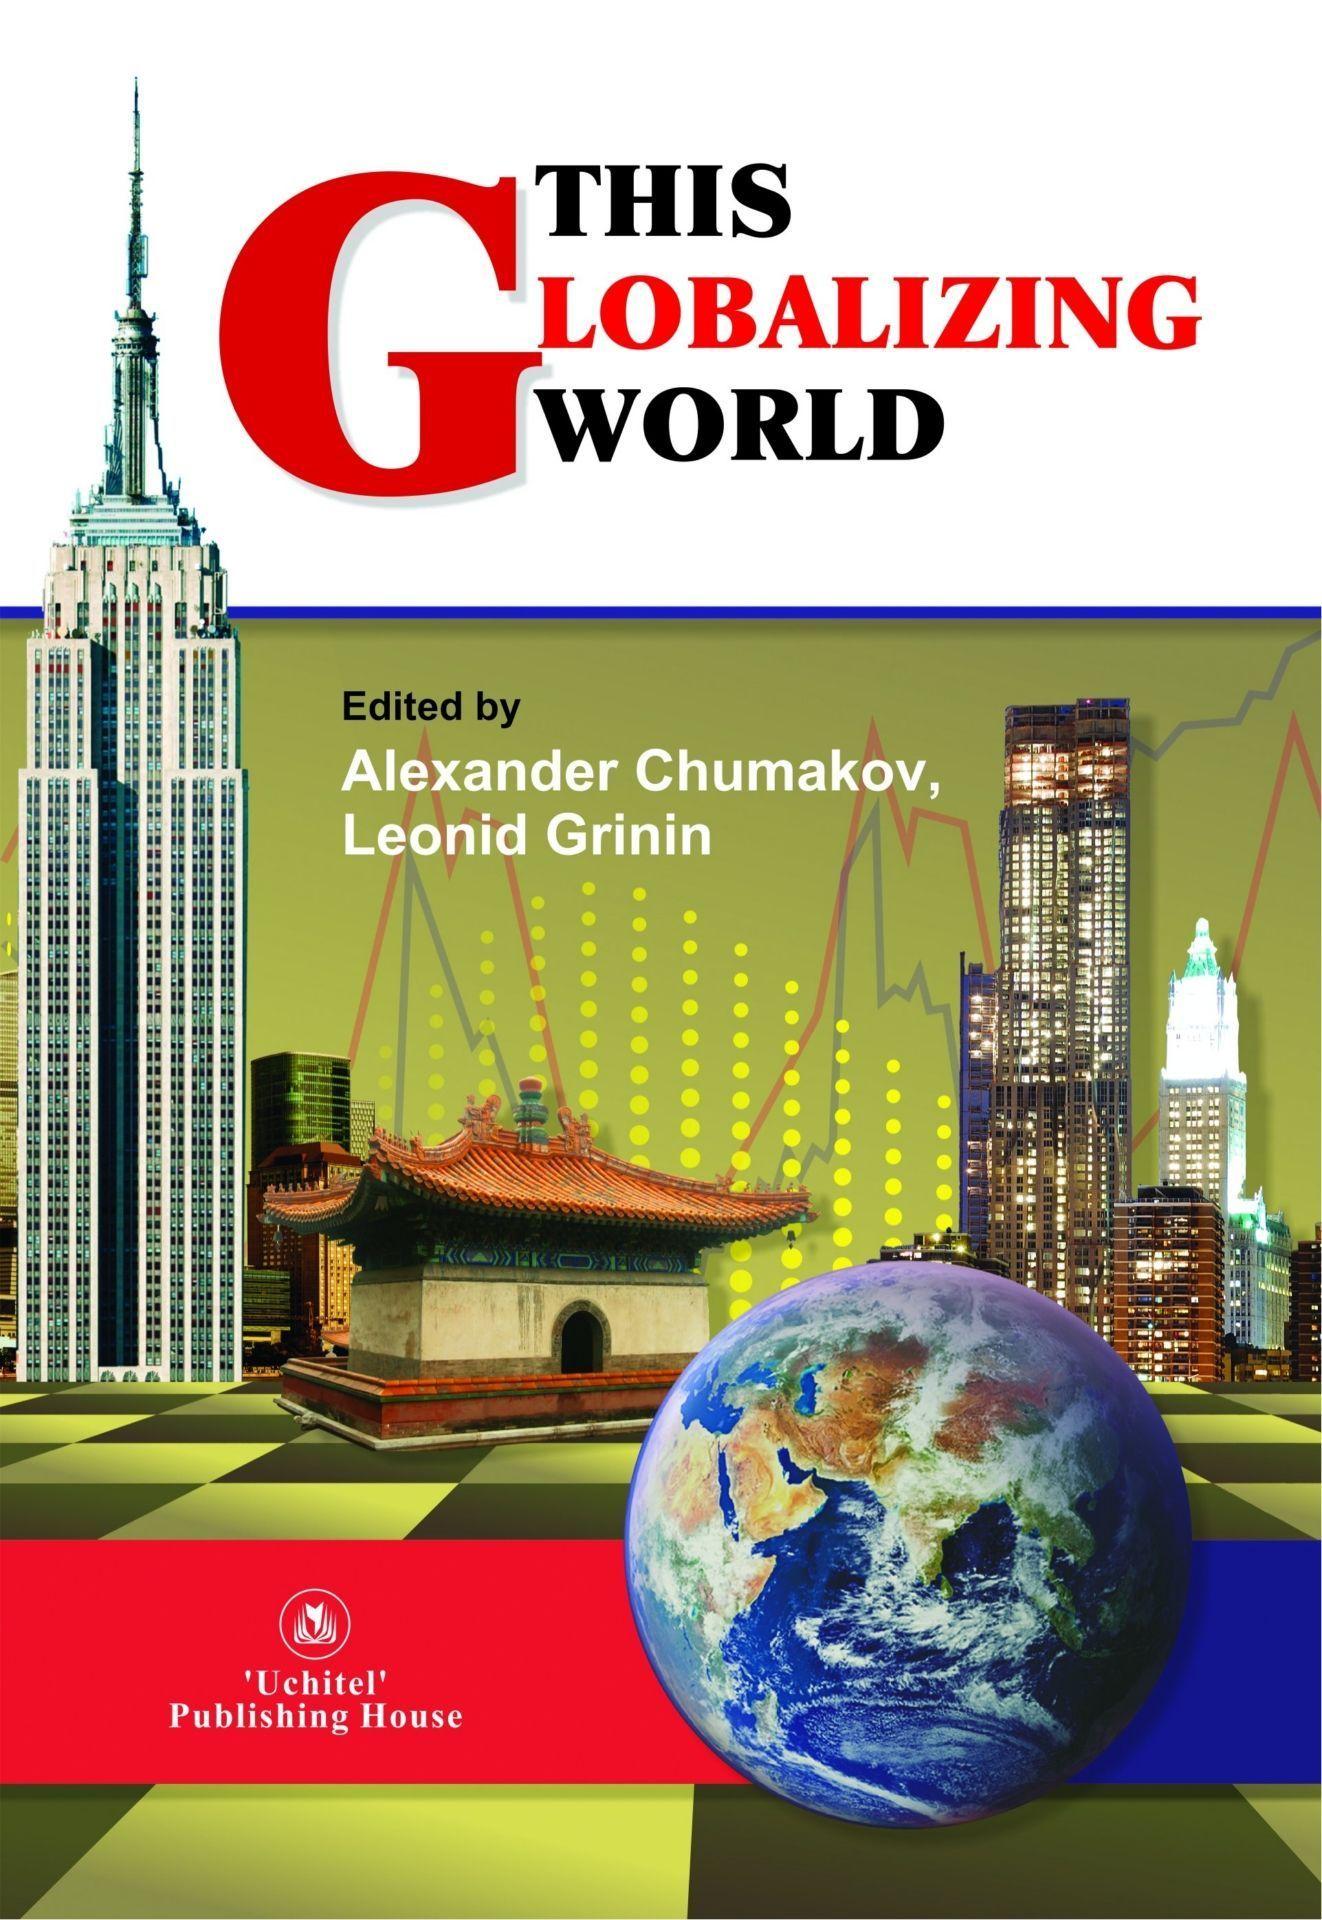 This globalizing worldВУЗ<br>Несмотря на растущий поток публикаций, затрагивающих проблемы глобализации, наши идеи и знания об этом явлении по-прежнему оставляют желать лучшего. Поэтому специальные периодические издания и книги, затрагивающие область глобальных исследований имеют пер...<br><br>Авторы: Grinin L.E., Chumakov A.N.<br>Год: 2015<br>Серия: Для студентов и преподавателей<br>ISBN: 978-5-7057-4340-7<br>Высота: 235<br>Ширина: 163<br>Толщина: 10<br>Переплёт: мягкая, склейка